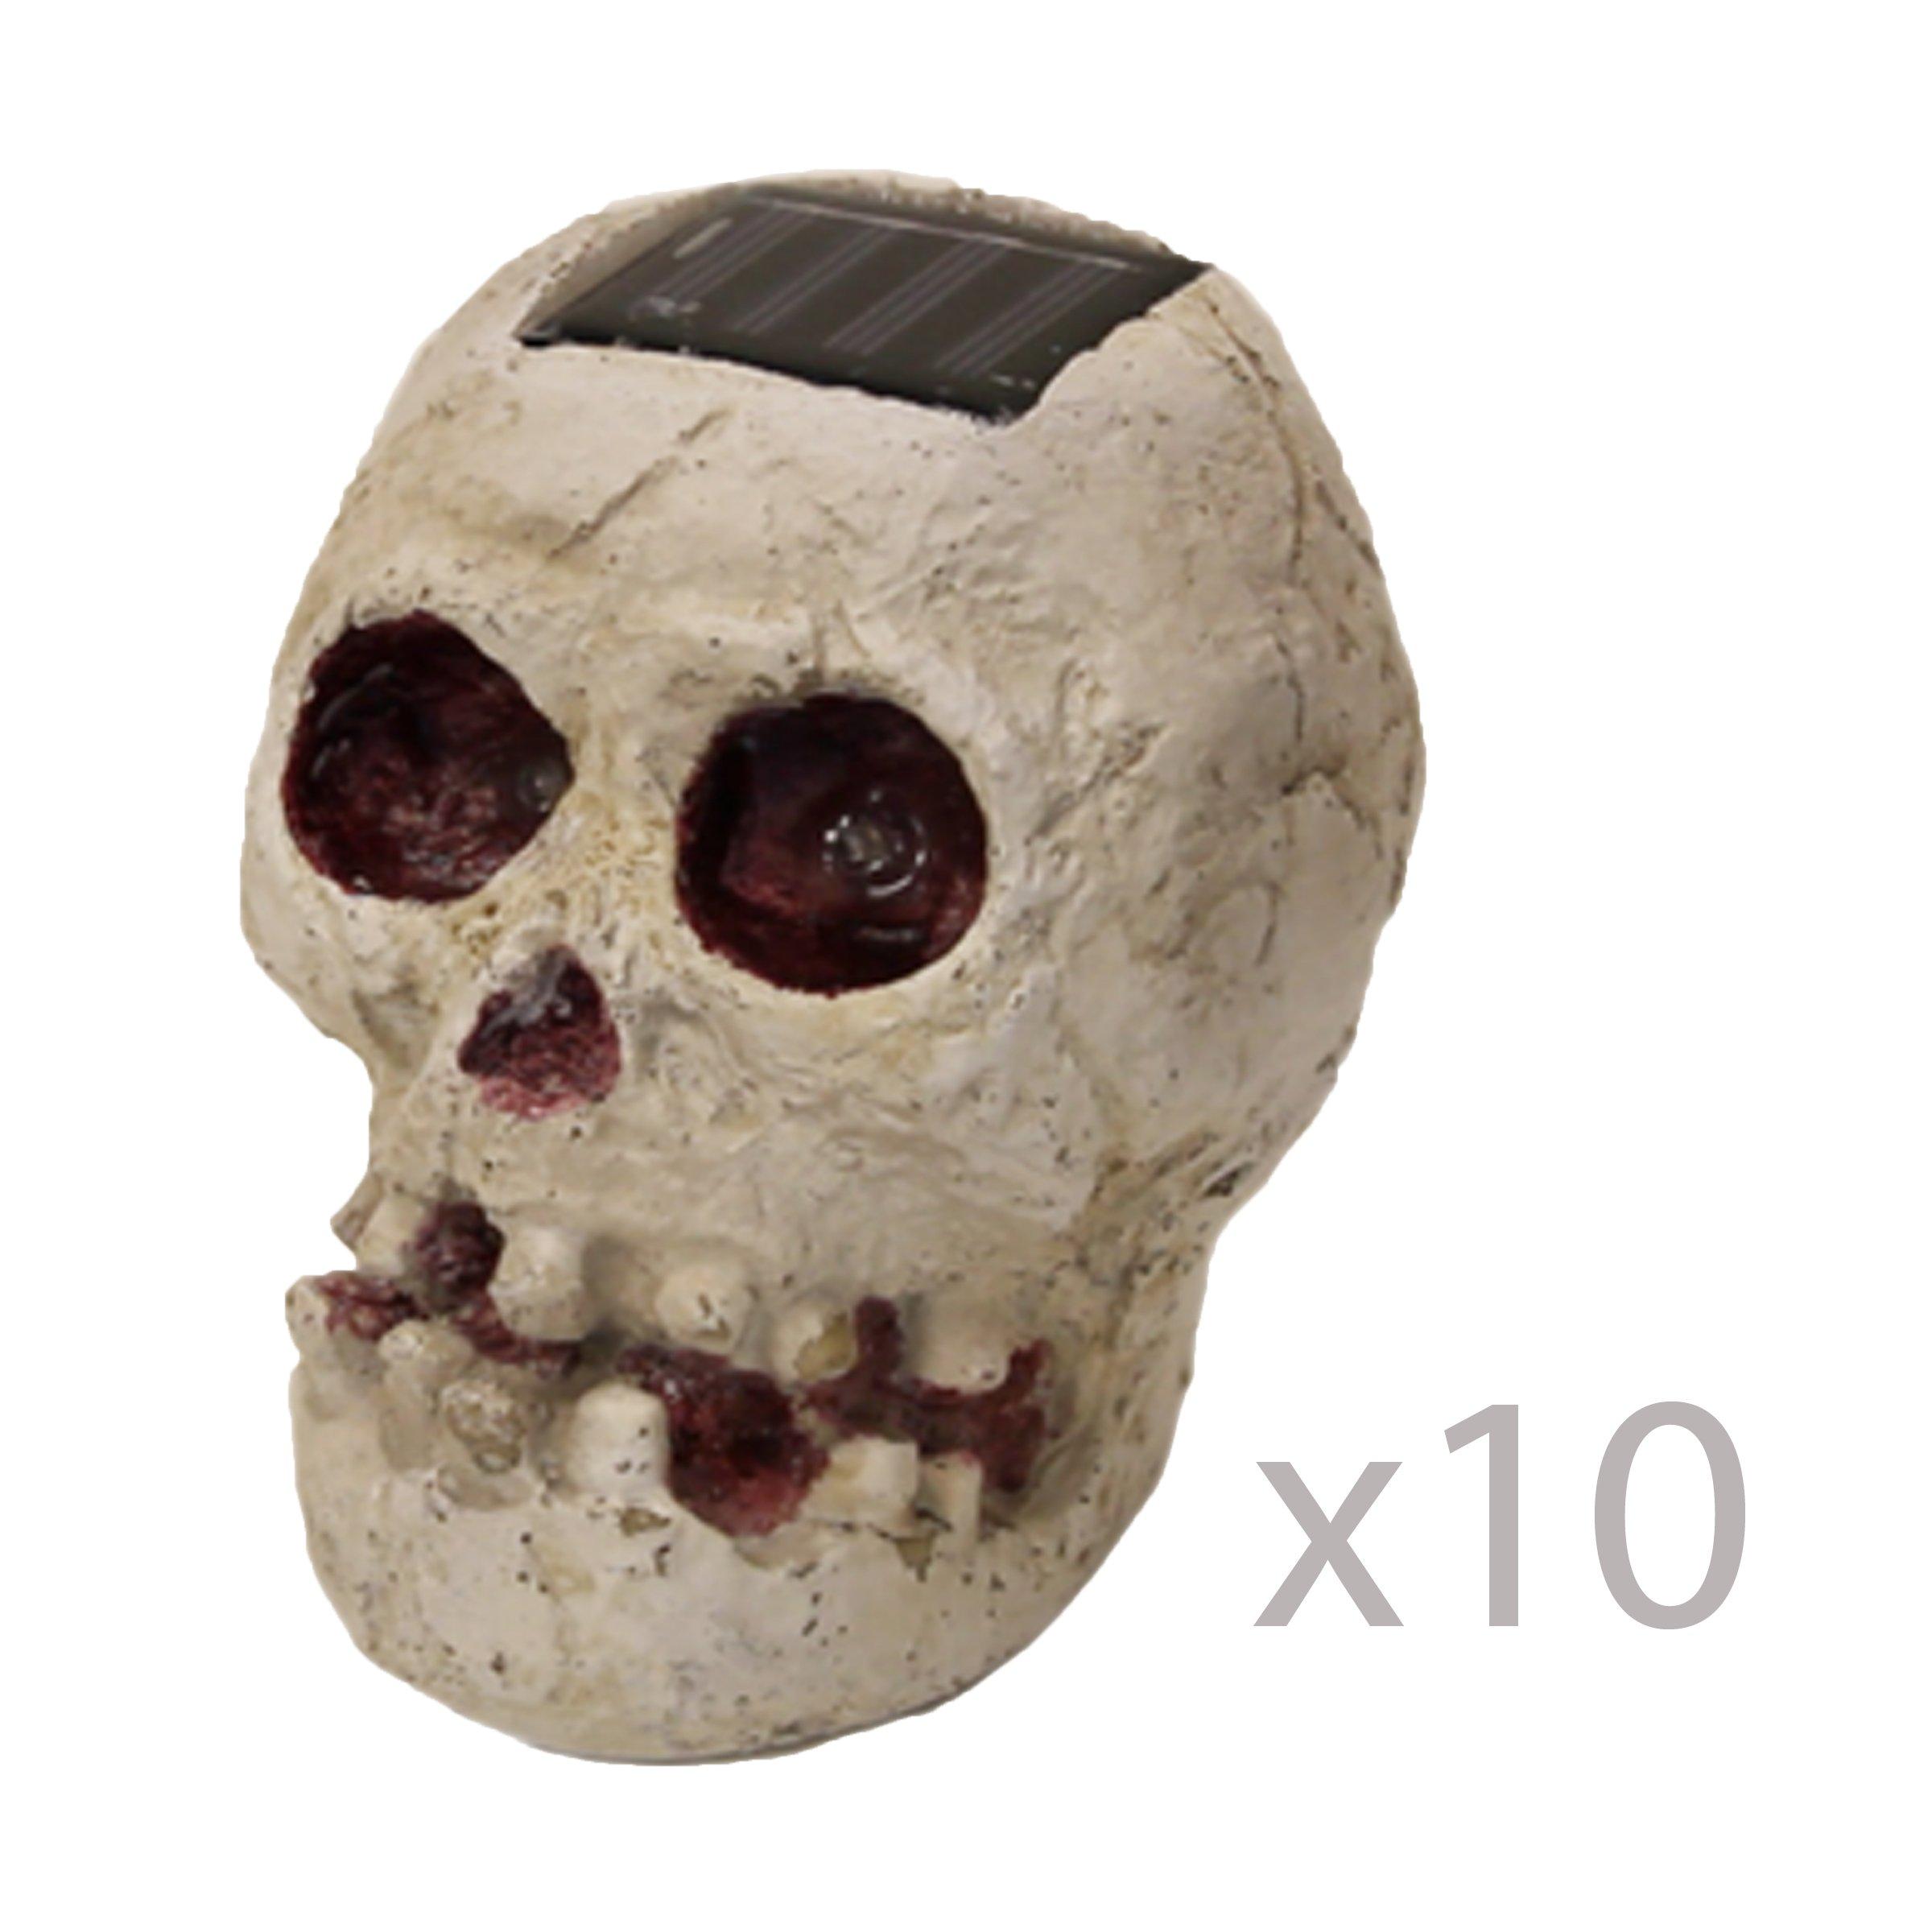 (10 Pack) SKULLar - Solar Powered Outdoor Halloween Skull Fright Light by Reusable Revolution